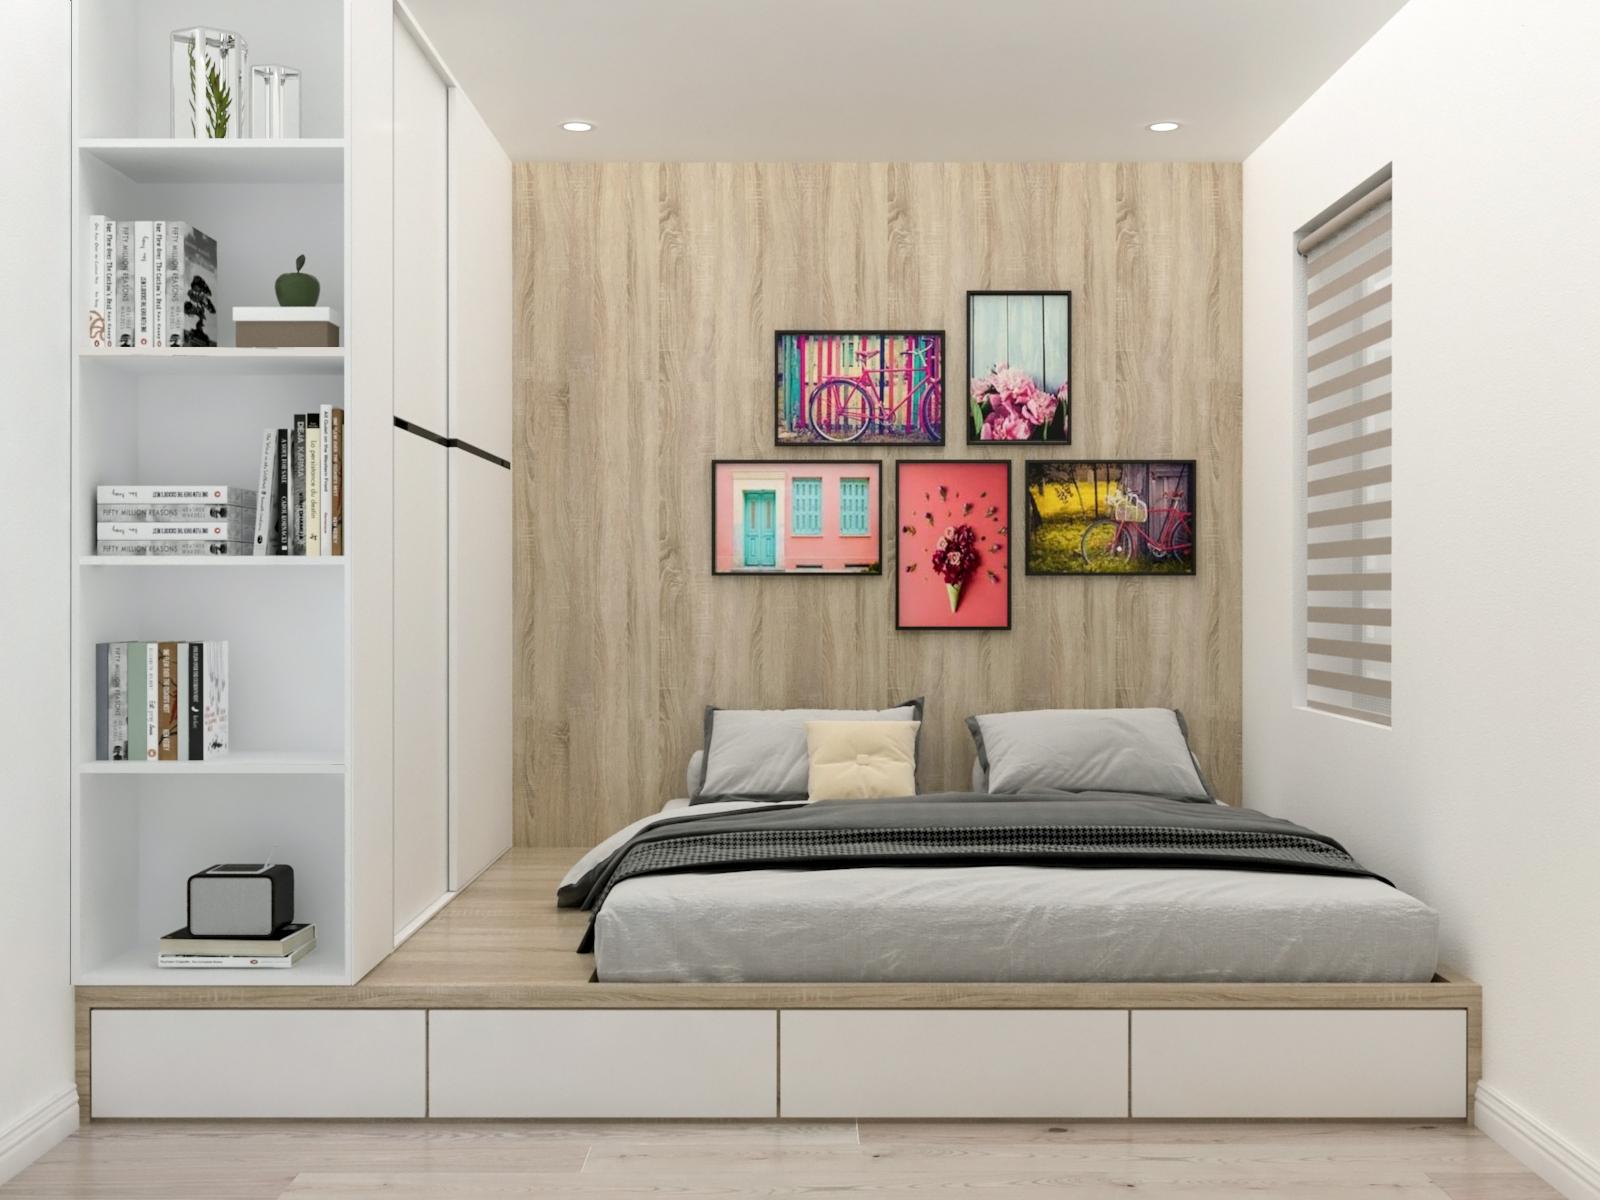 Tư vấn thiết kế cải tạo căn hộ tập thể 50m² với tổng chi phí 180 triệu đồng - Ảnh 11.